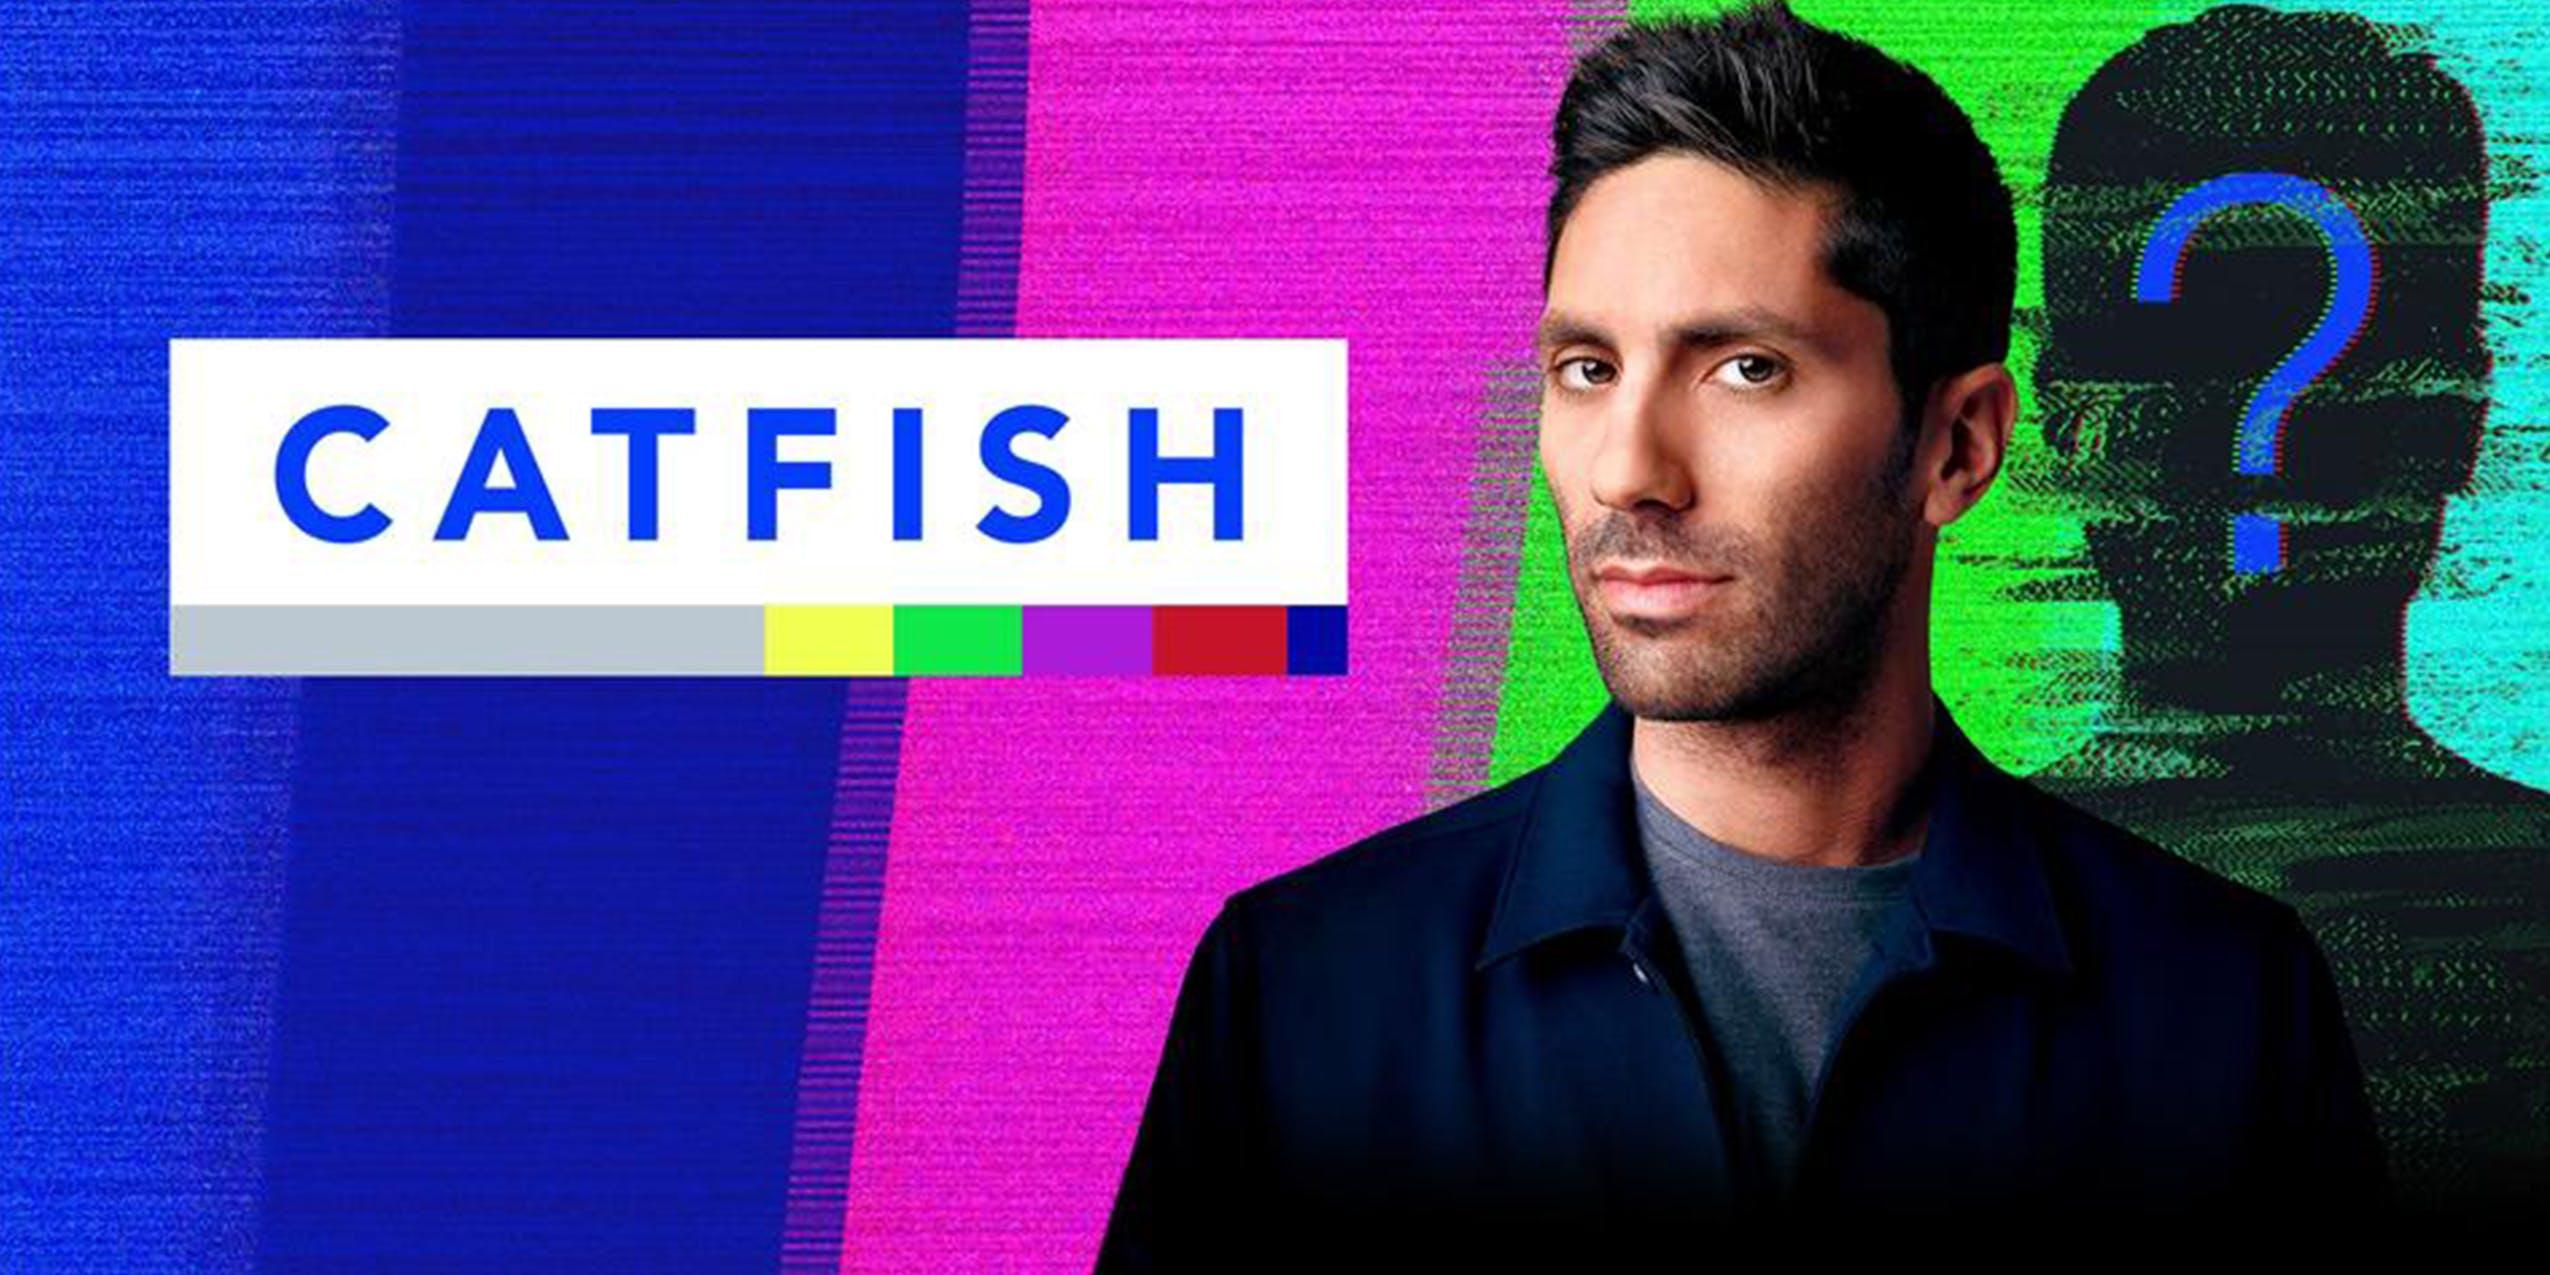 best reality shows hulu catfish